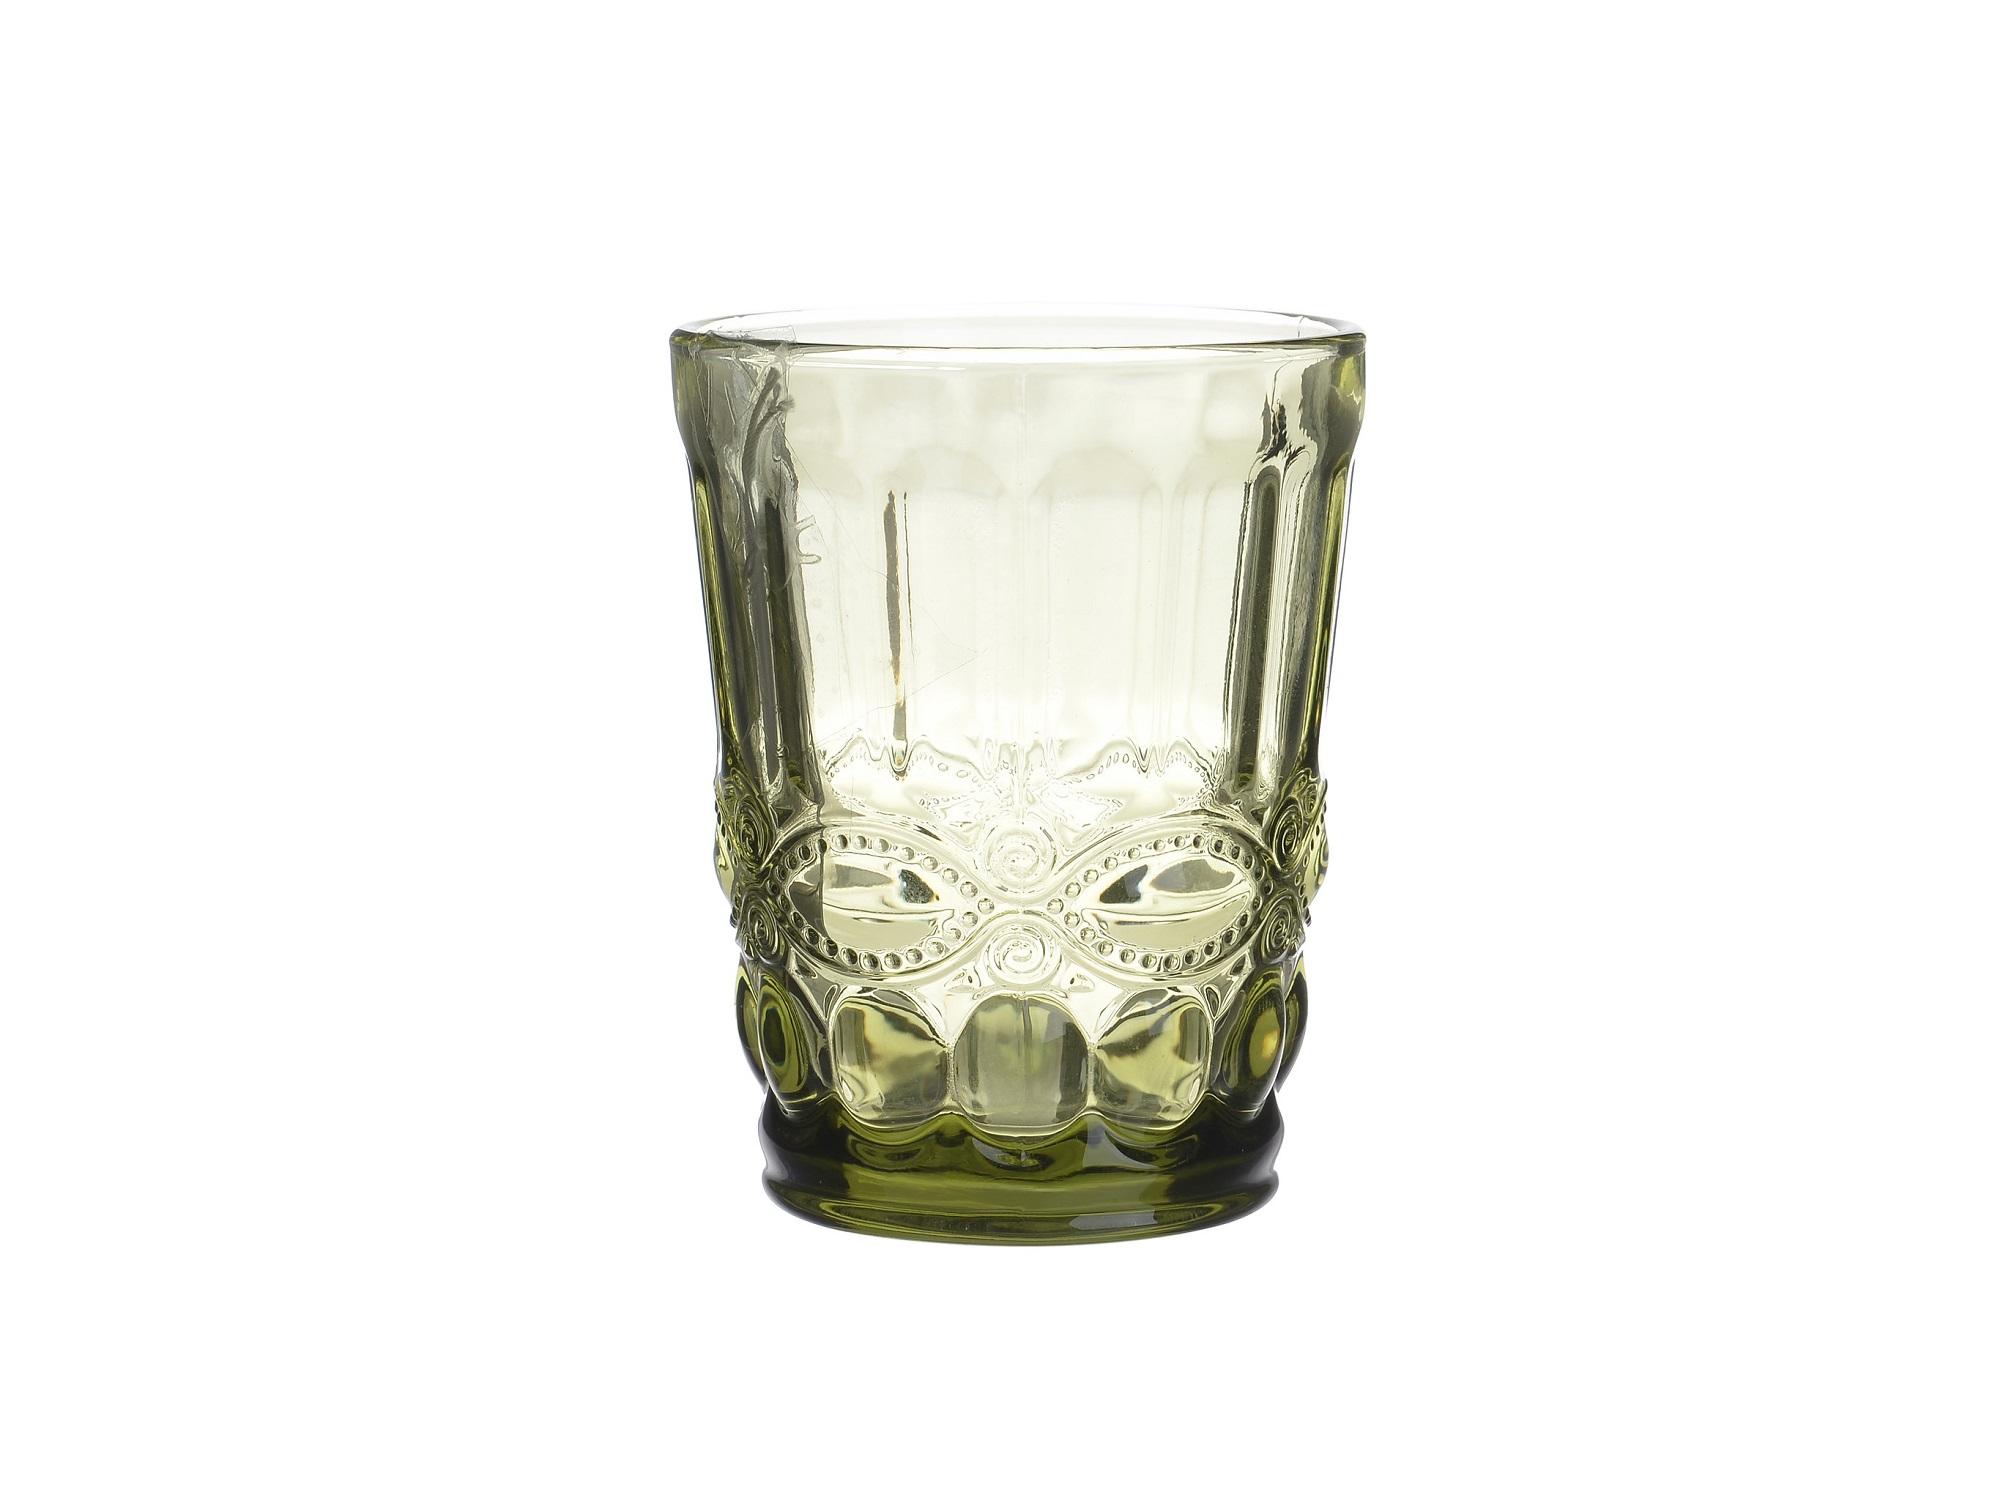 Набор стаканов Tonia (6 шт)Бокалы<br>6 стаканов в наборе<br><br>Material: Стекло<br>Высота см: 10.0